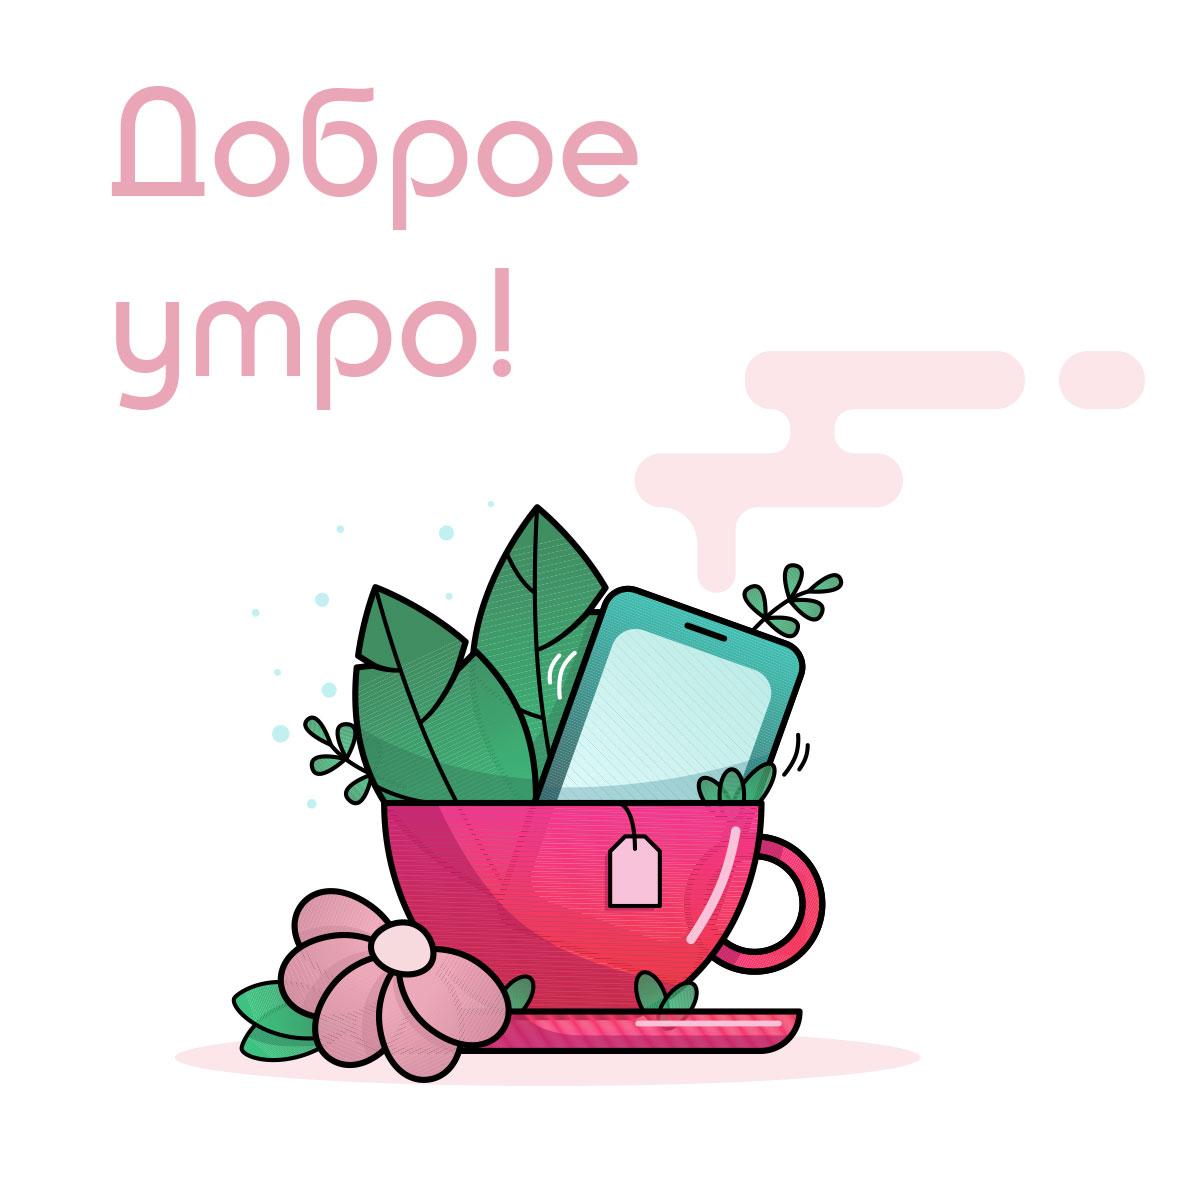 Картинка с чашкой чая красного цвета, смартфоном и лотосом.